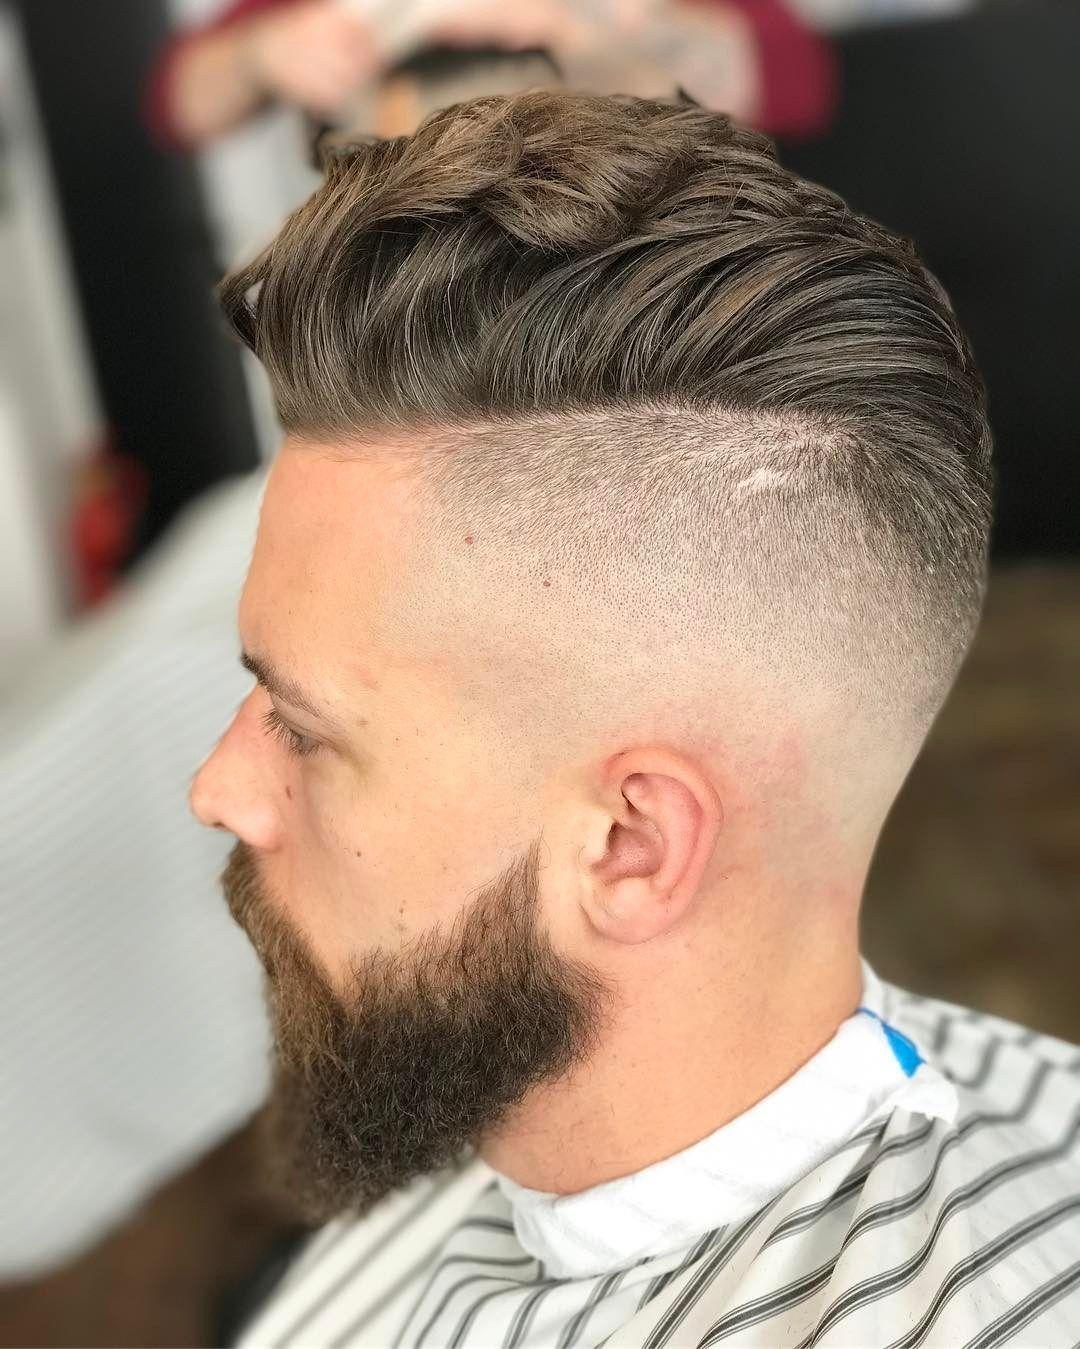 New Degraded Haircuts Man Short Hair 2019 Winter Haircuts